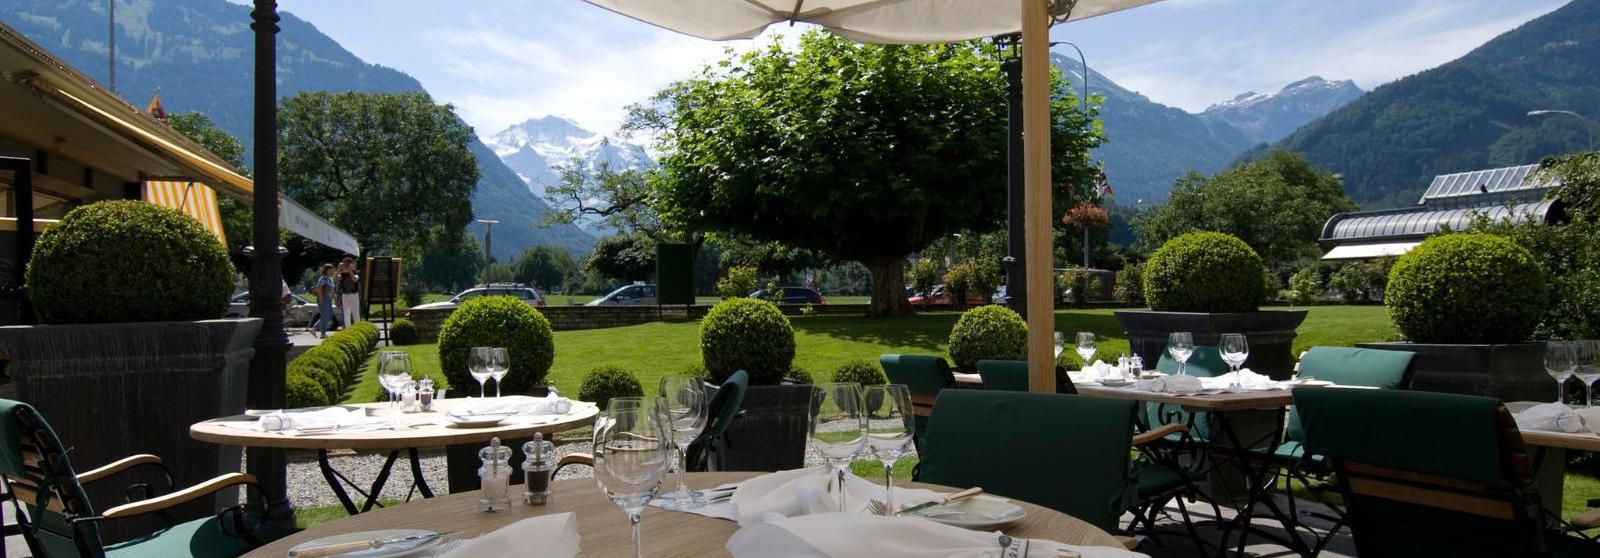 维多利亚少女峰山墅温泉酒店(Victoria-Jungfrau Grand Hotel and Spa) 餐厅图片  www.lhw.cn